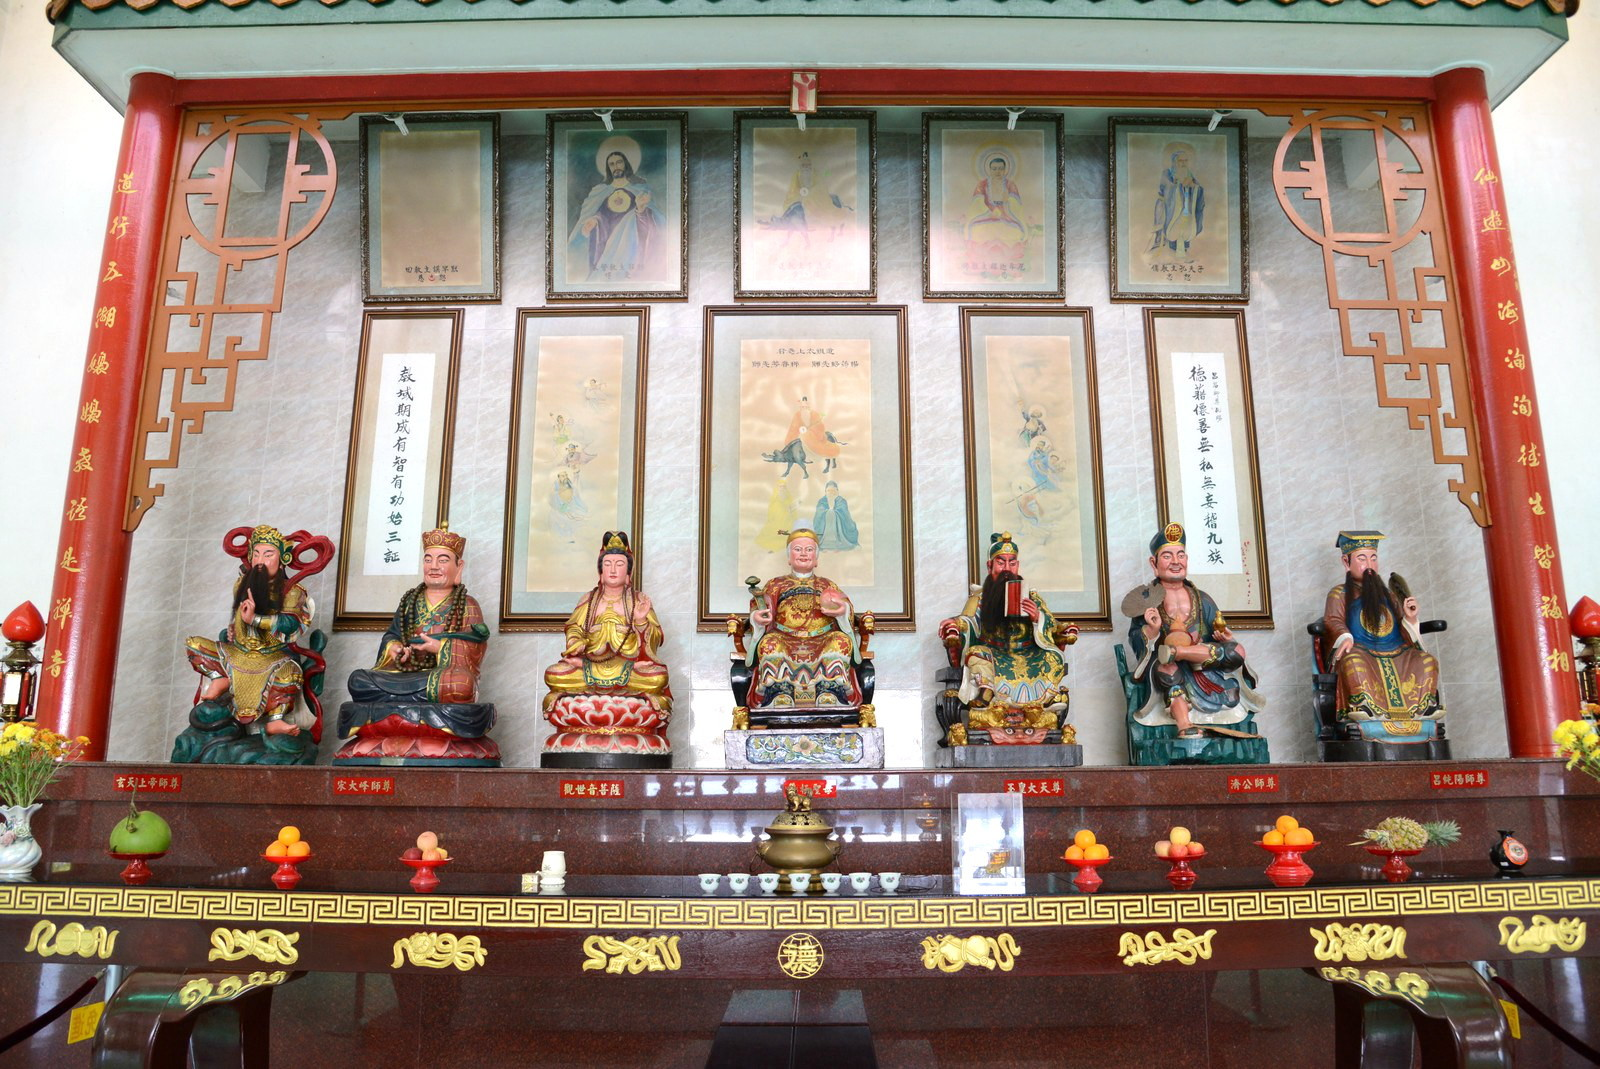 (左起)玄天上帝師尊、宋大峰師尊、觀世音菩薩、王母娘娘、玉皇大天尊、濟公師尊、呂純陽師尊